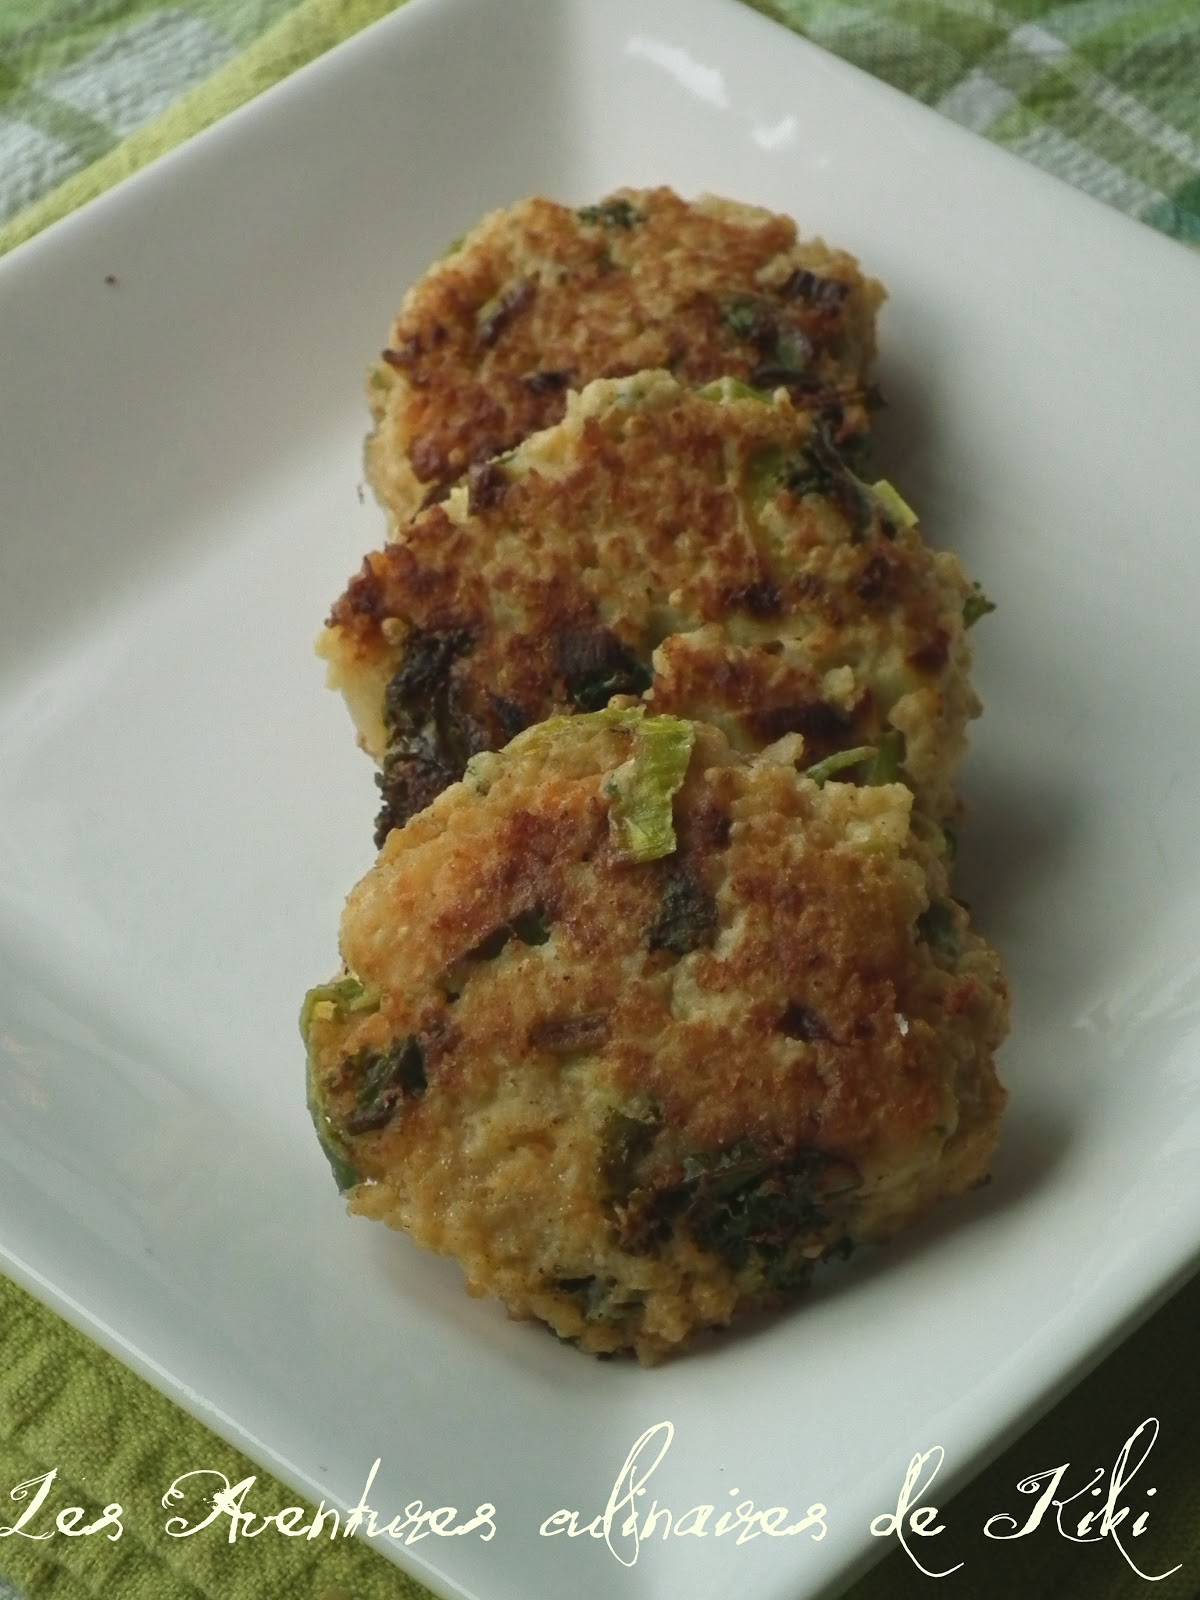 Croquettes de millet au kale et au poireau - Recette